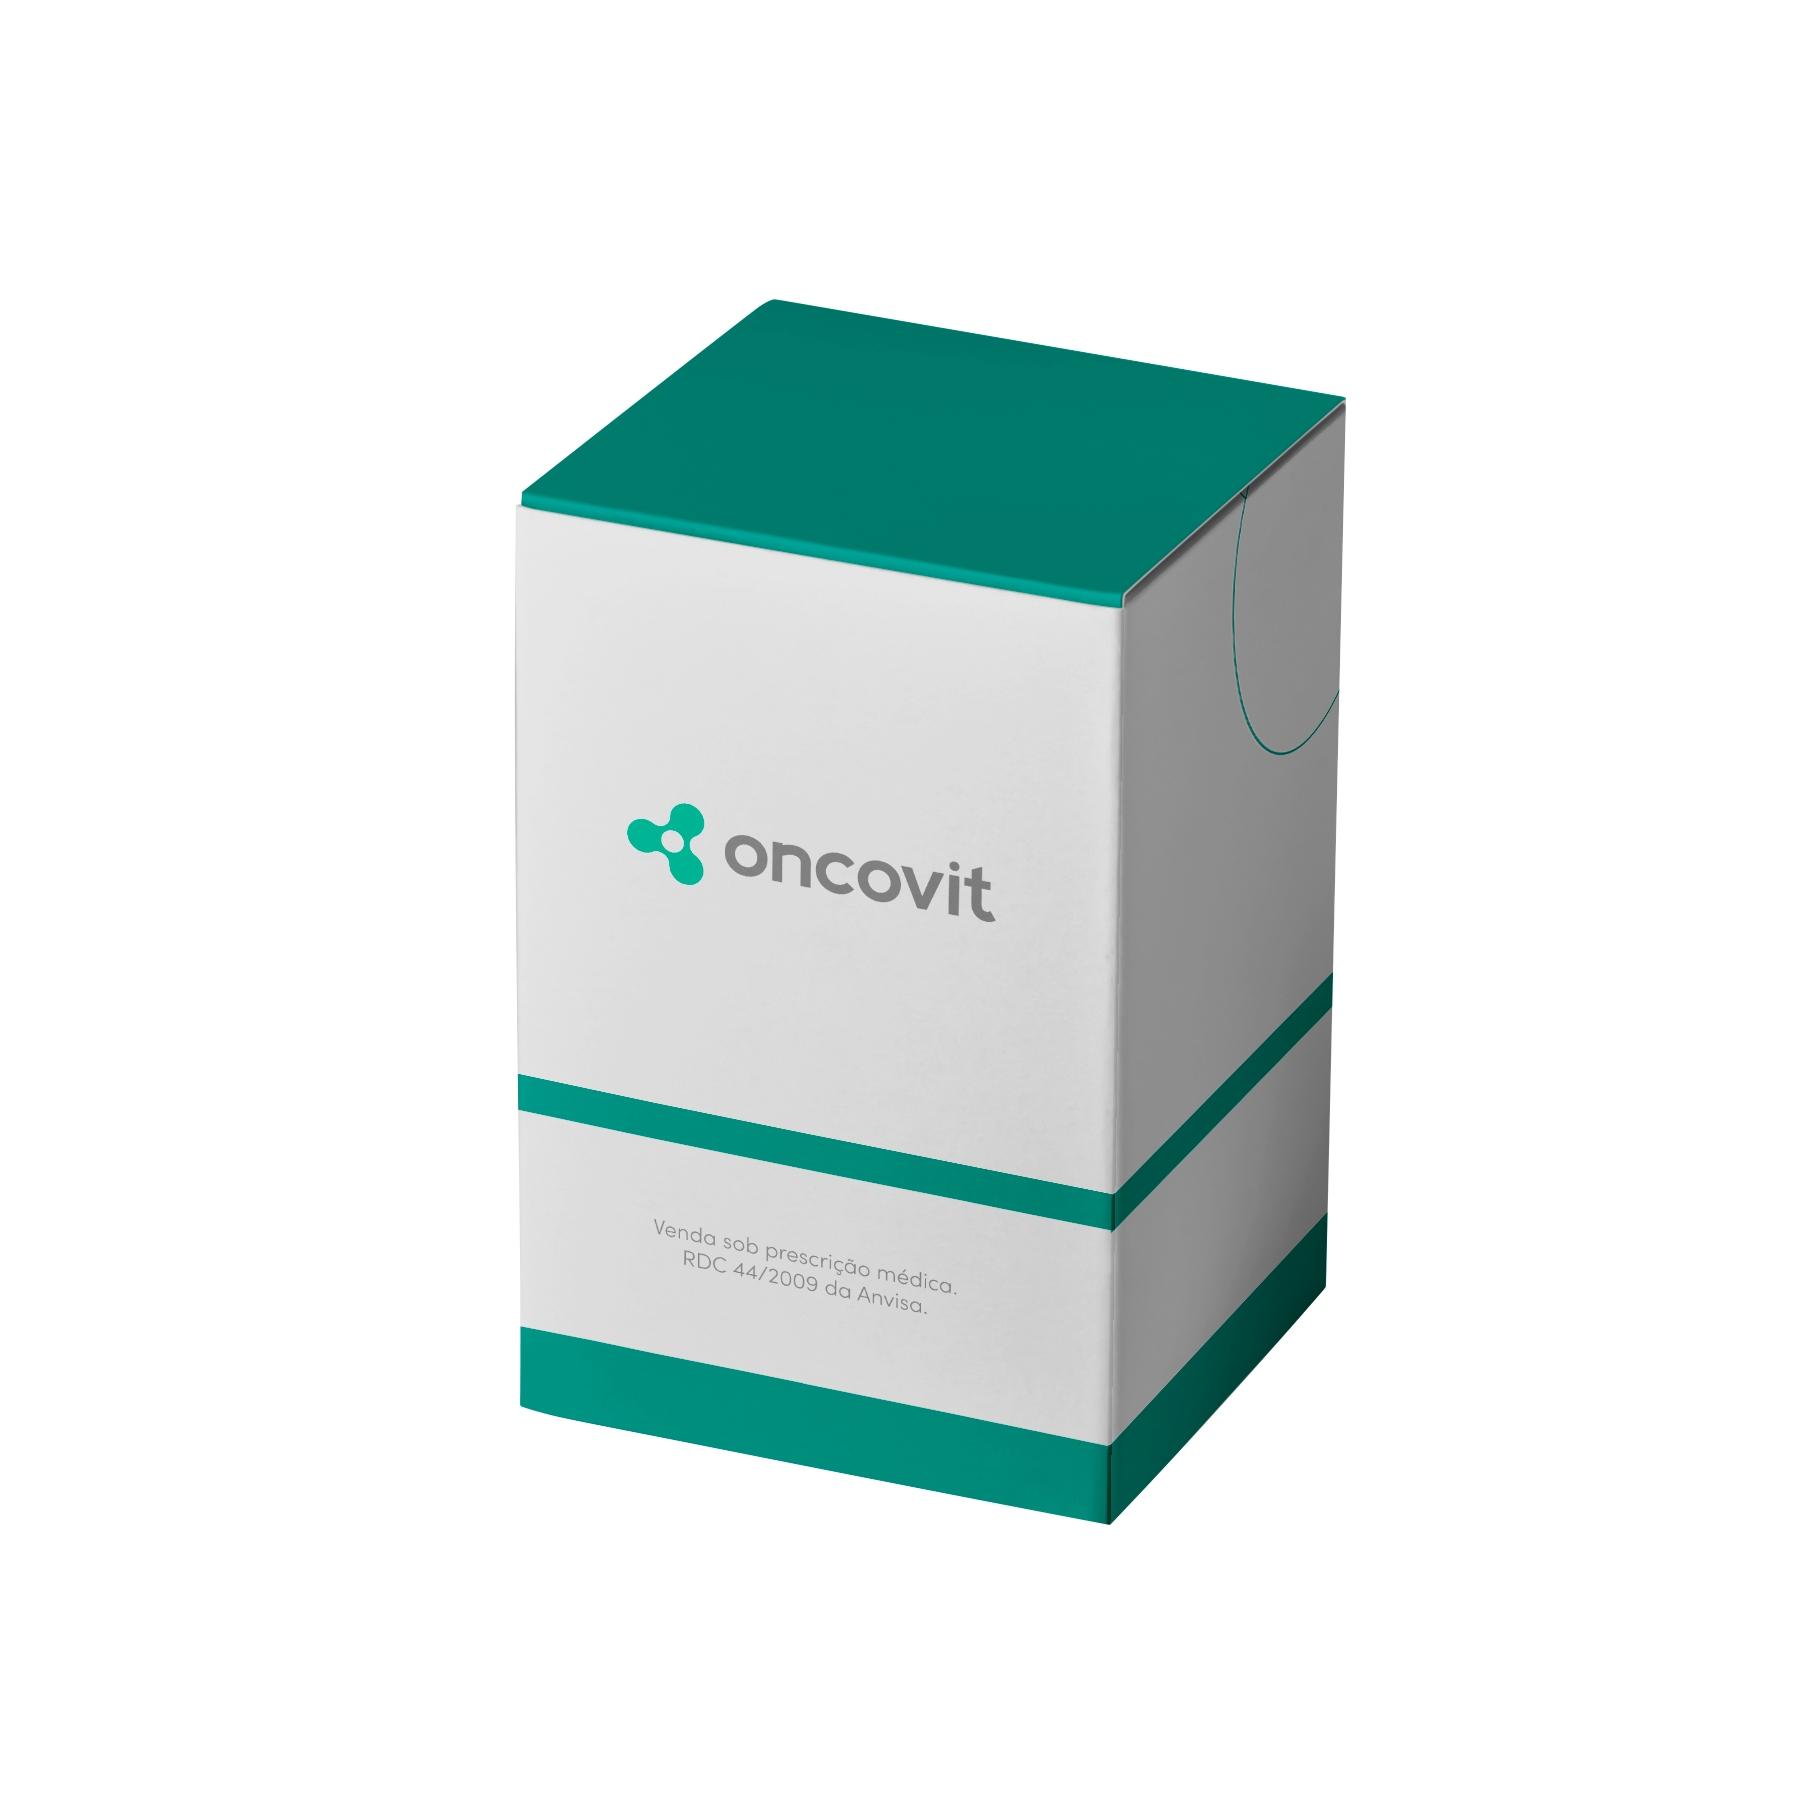 Alfaepoetina Humana Recombinante 2.000UI, caixa com 1 frasco-ampola com 1mL de solução de uso intravenoso ou subcutâneo